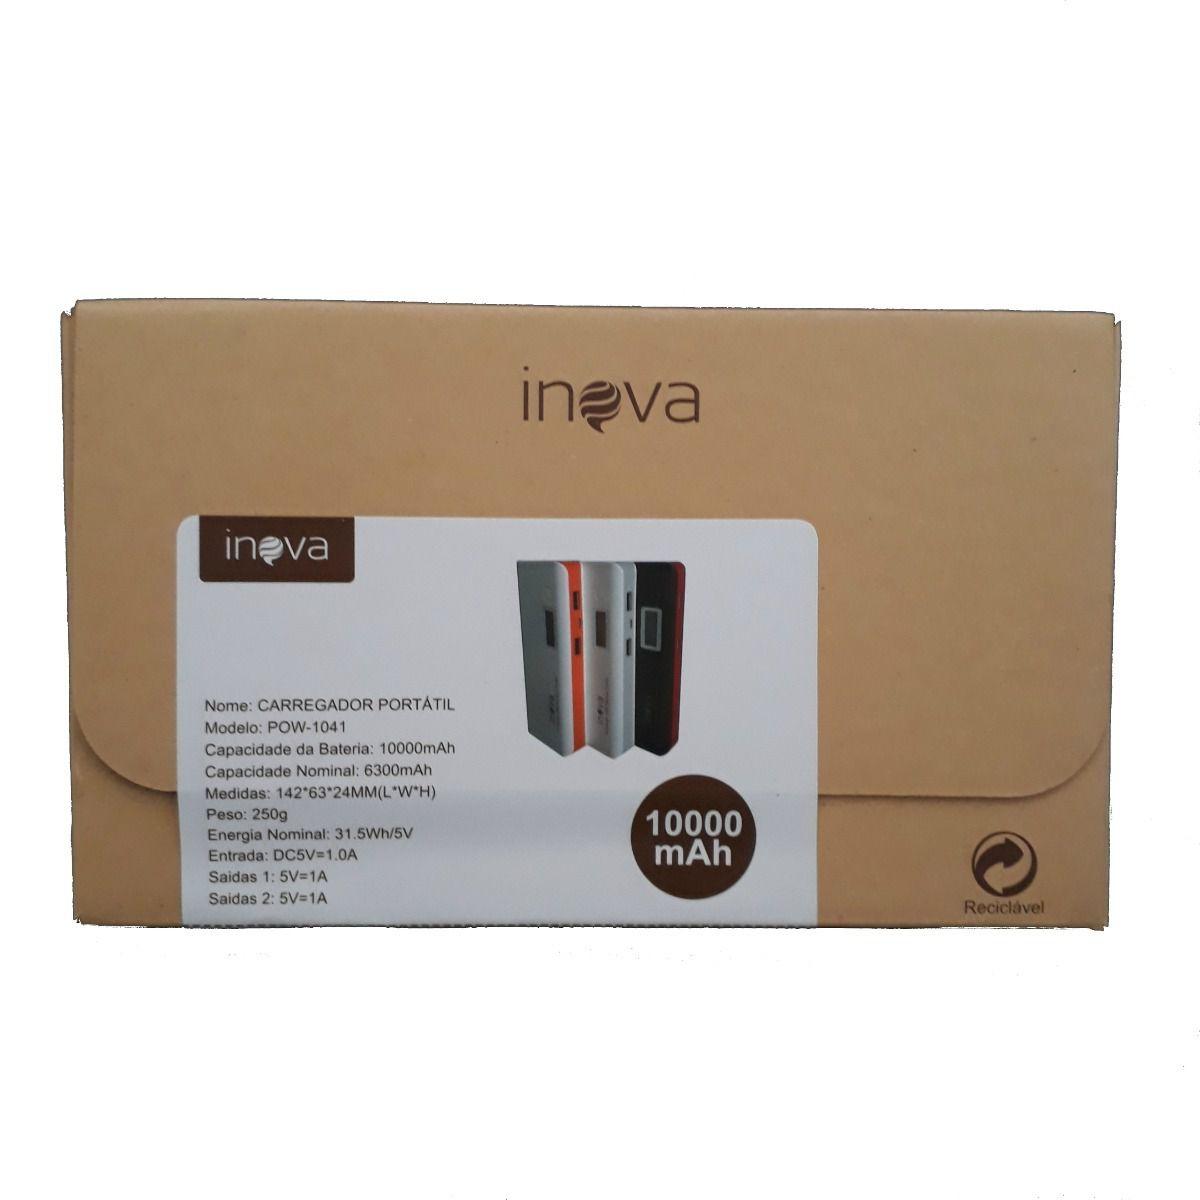 Carregador Powerbank Universal Portátil 10000 Mah Original Inova Pow-1041 - Preto com Vermelho